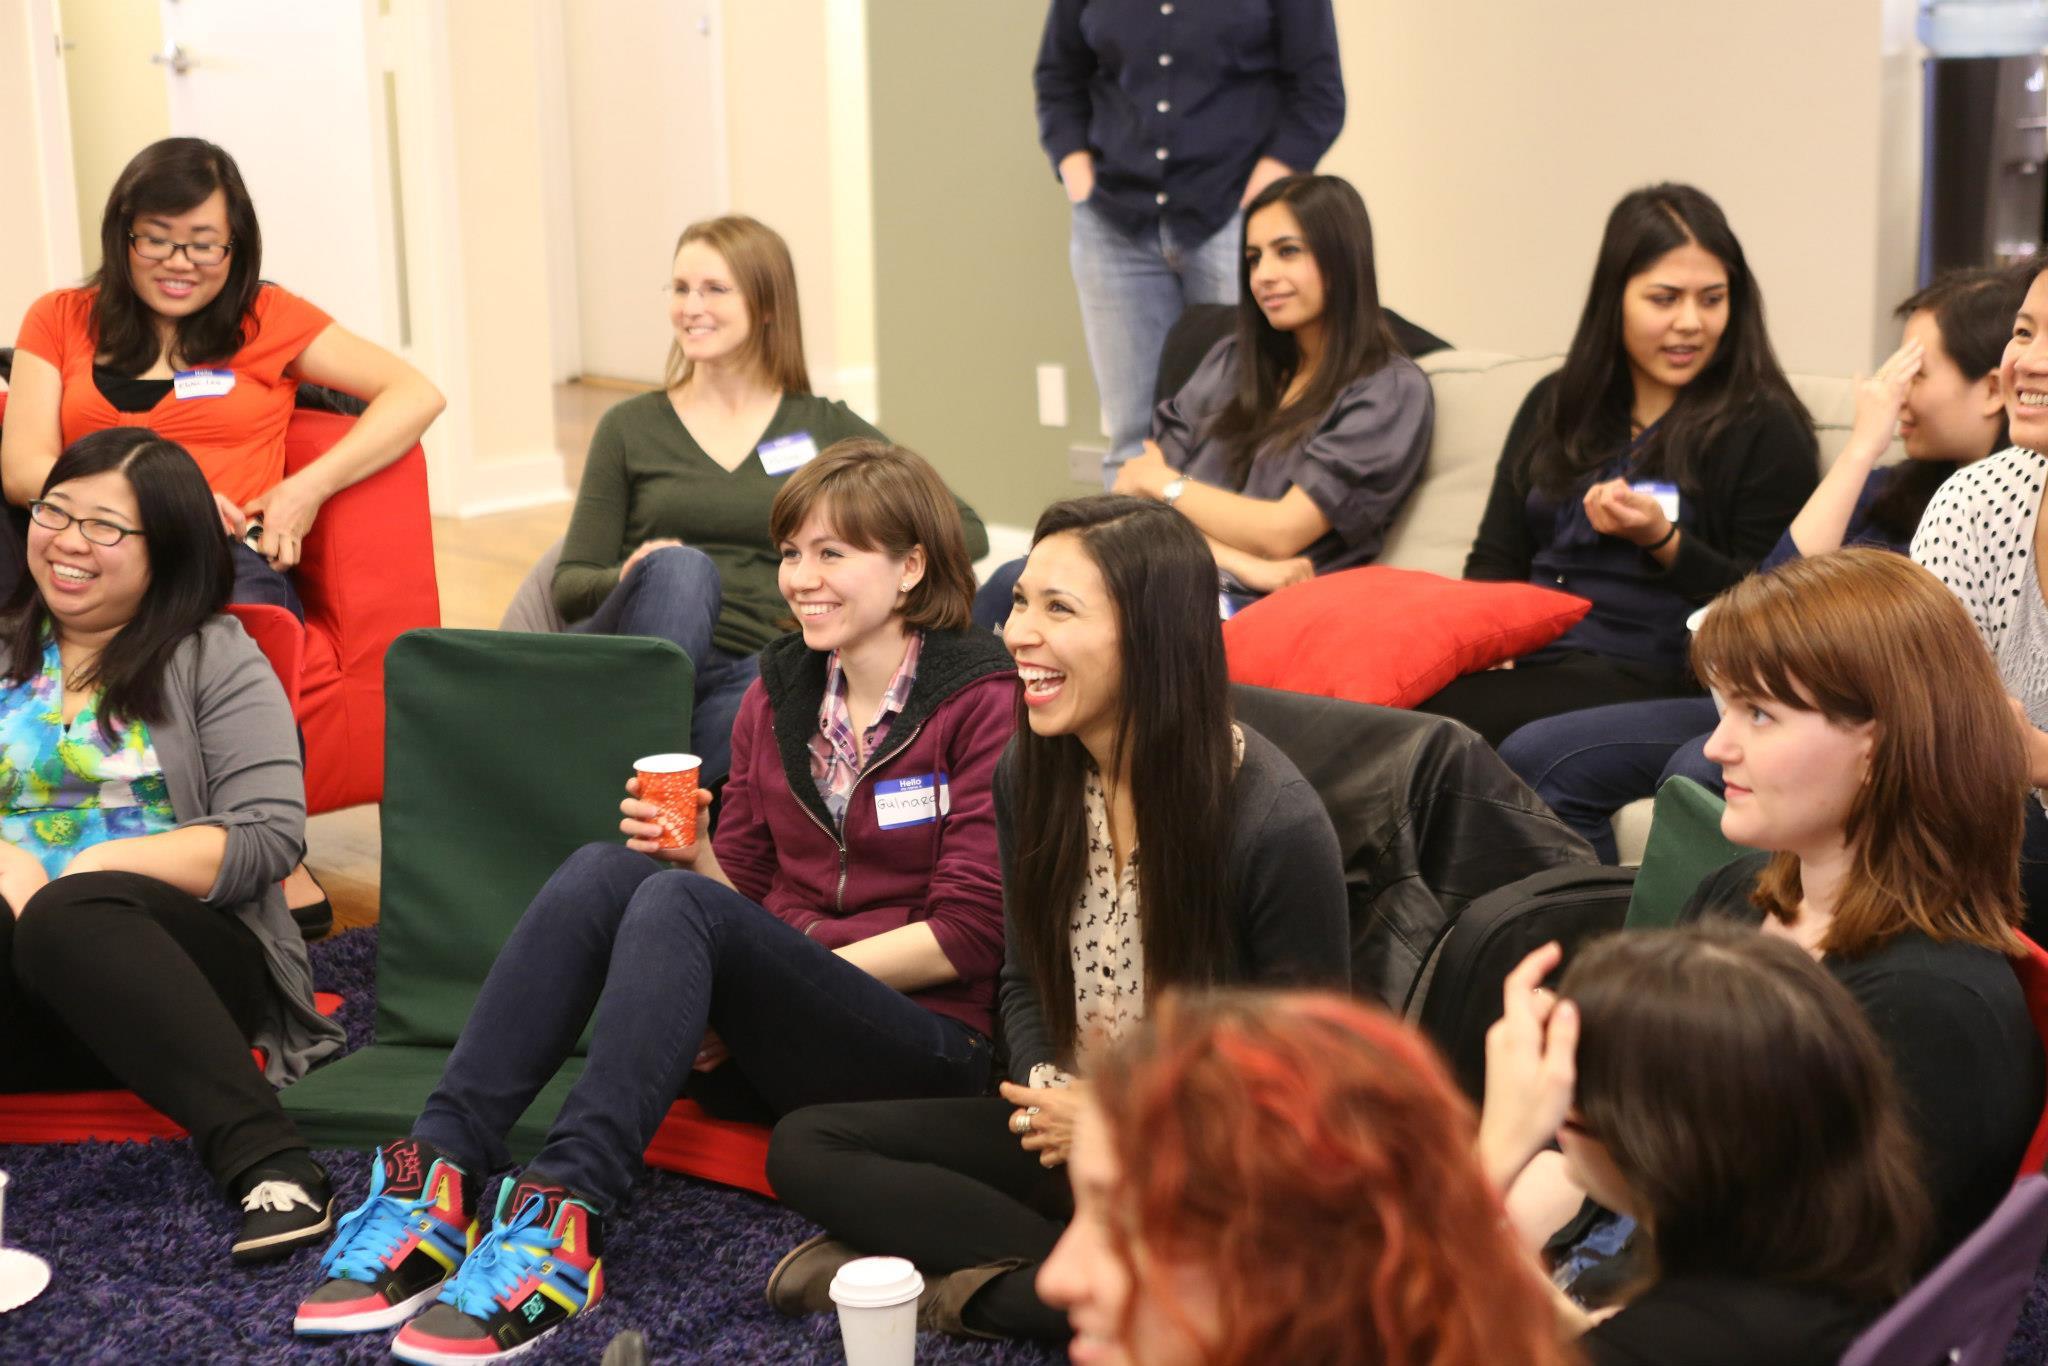 14 organizaciones que ayudan a las mujeres en la tecnología